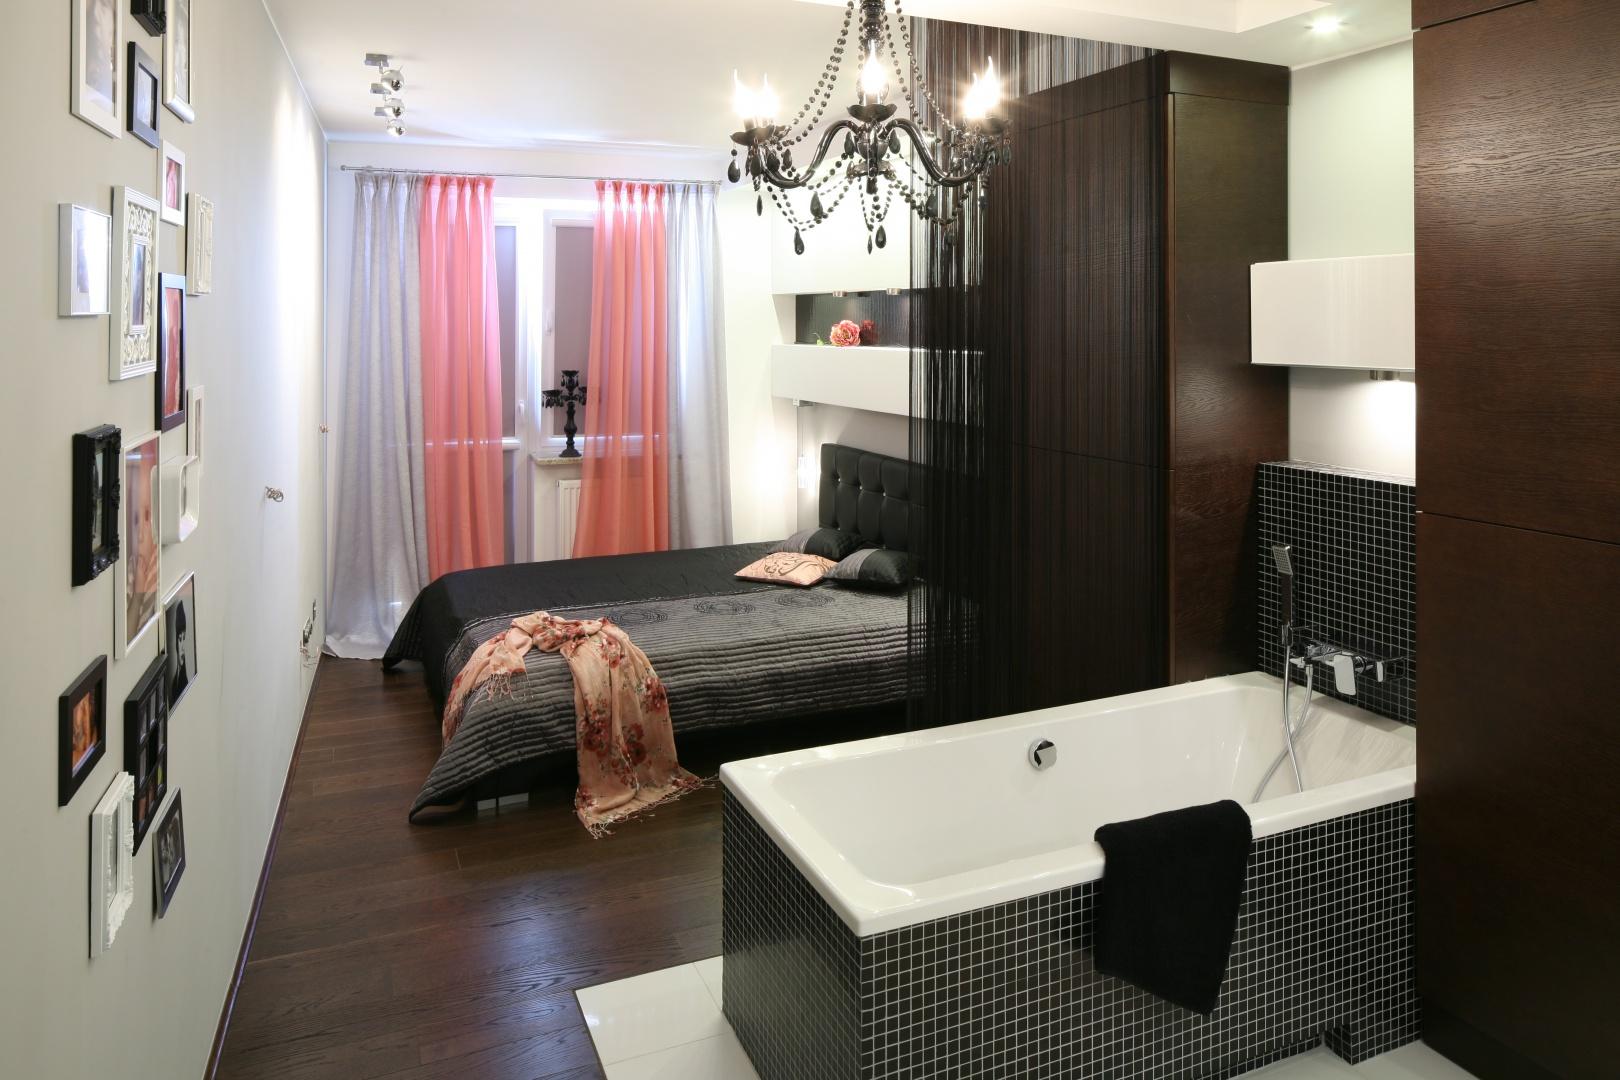 Sypialnia z łazienką tworzą otwartą, wspólną przestrzeń, której nie dzielą żadne ściany. Obie strefy urządzono zarówno w tej samej stylistyce, jak i w palecie barw. Projekt: Marta Dąbrowska. Fot. Bartosz Jarosz.